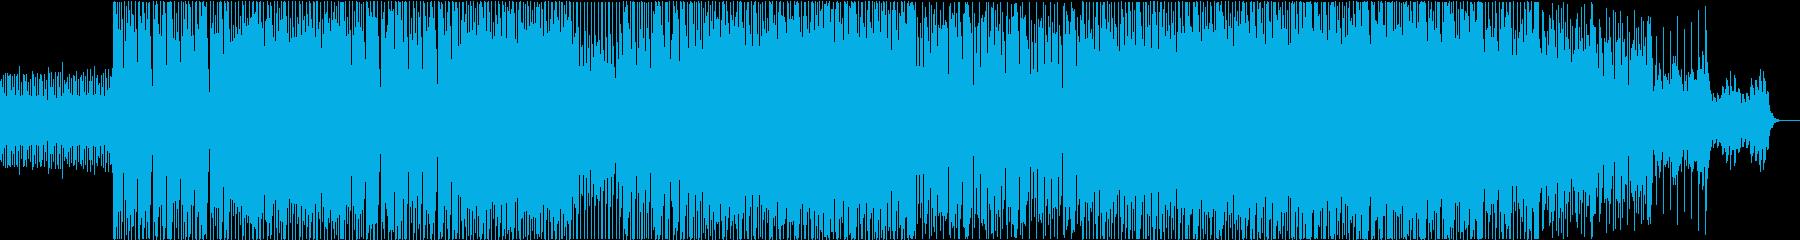 前向きな気持ちをイメージしたBGMの再生済みの波形